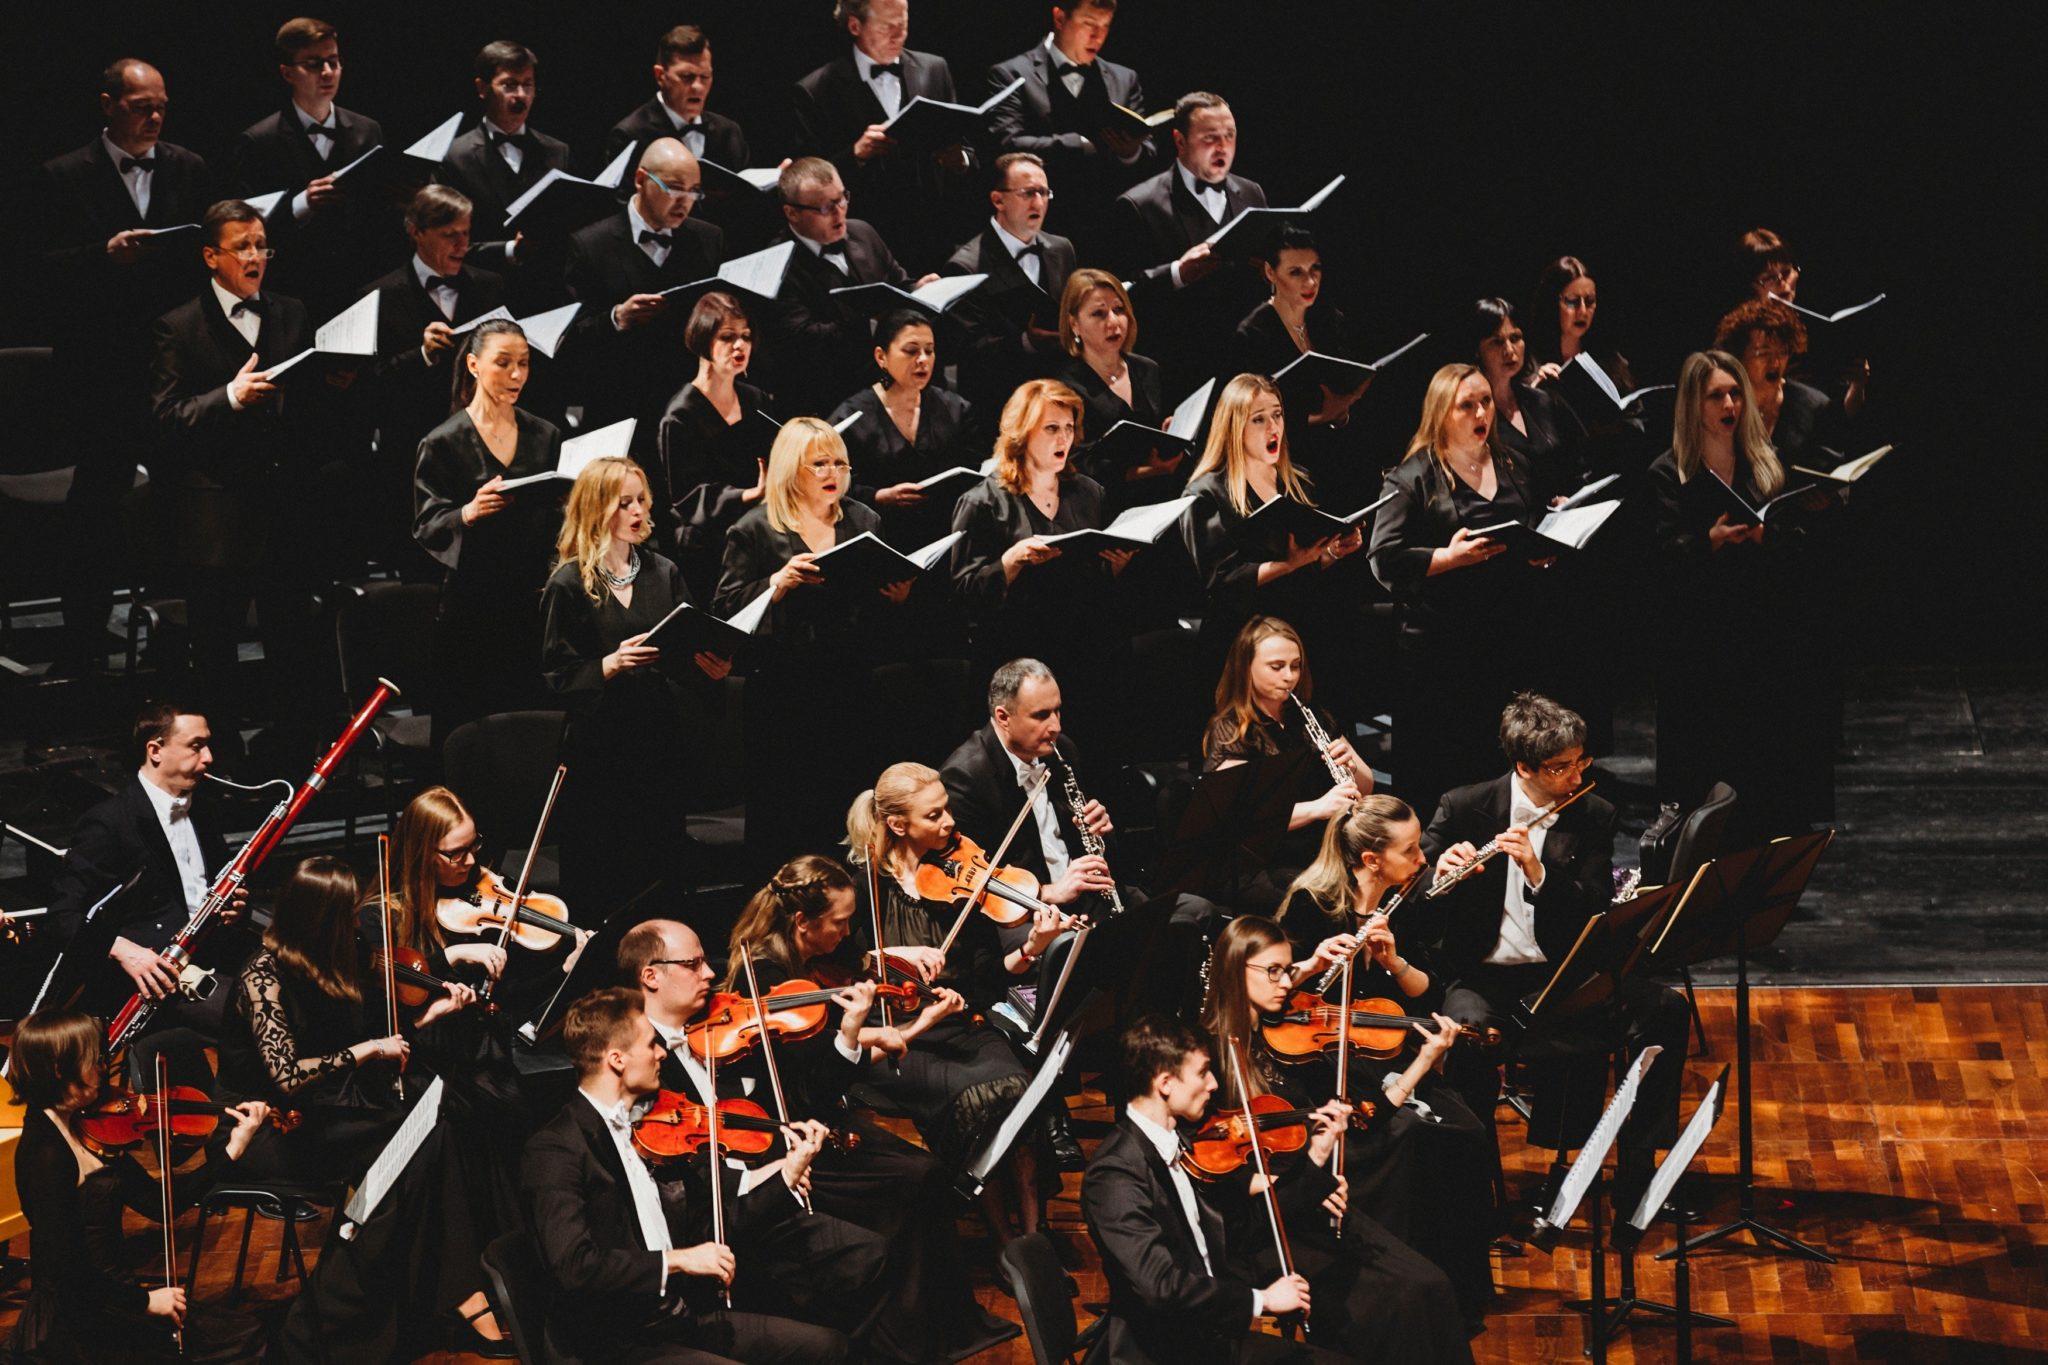 """Chor und Orchester führen Bachs """"Matthäus-Passion"""" im Festspielhaus Erl auf."""